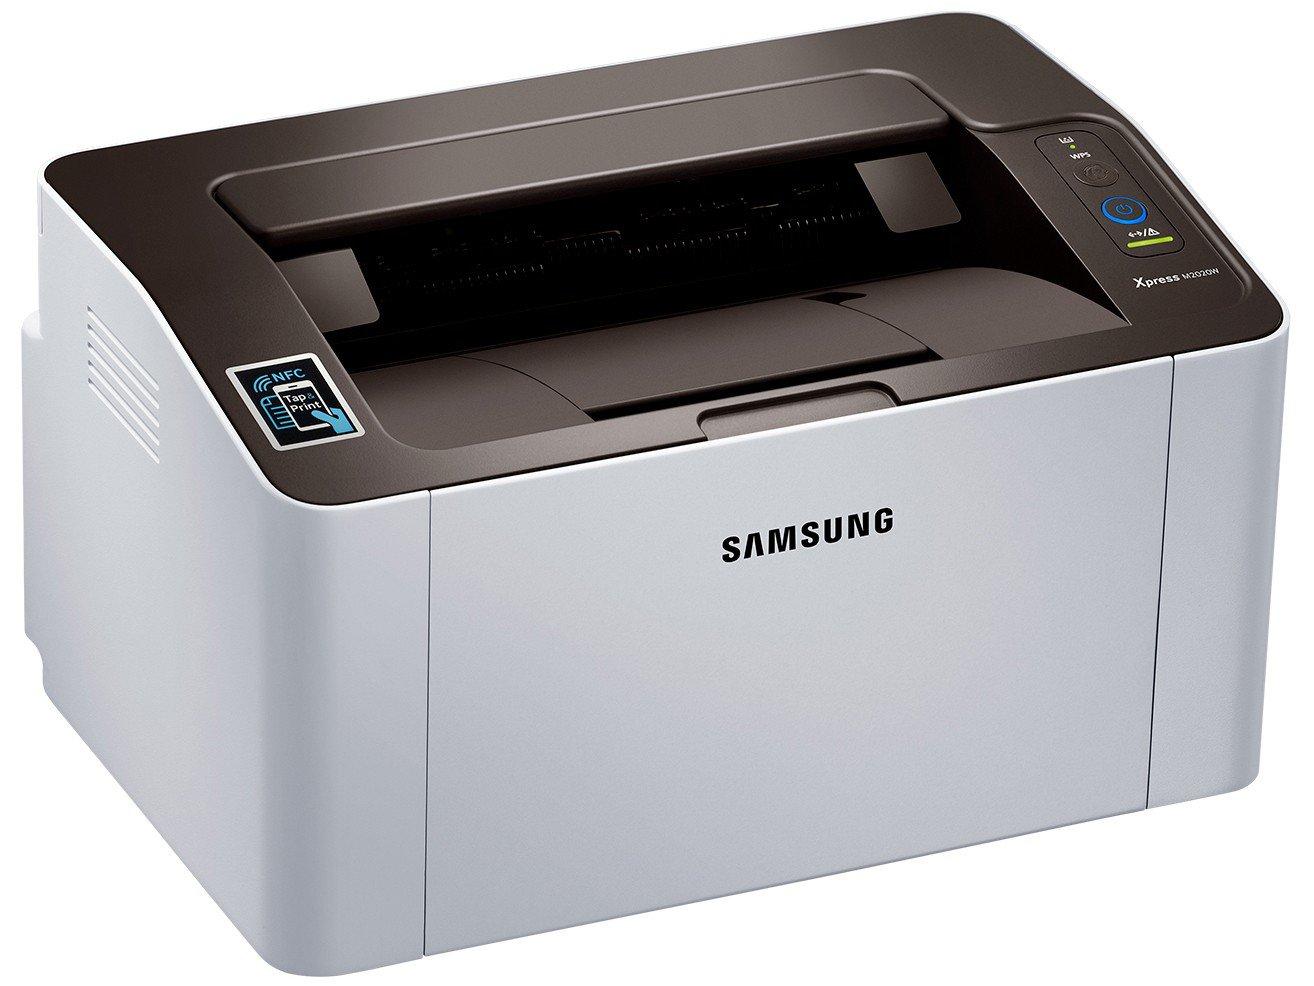 Foto 1 - Impressora Samsung Xpress SL-M2020W Wi-Fi - Monocromática USB NFC